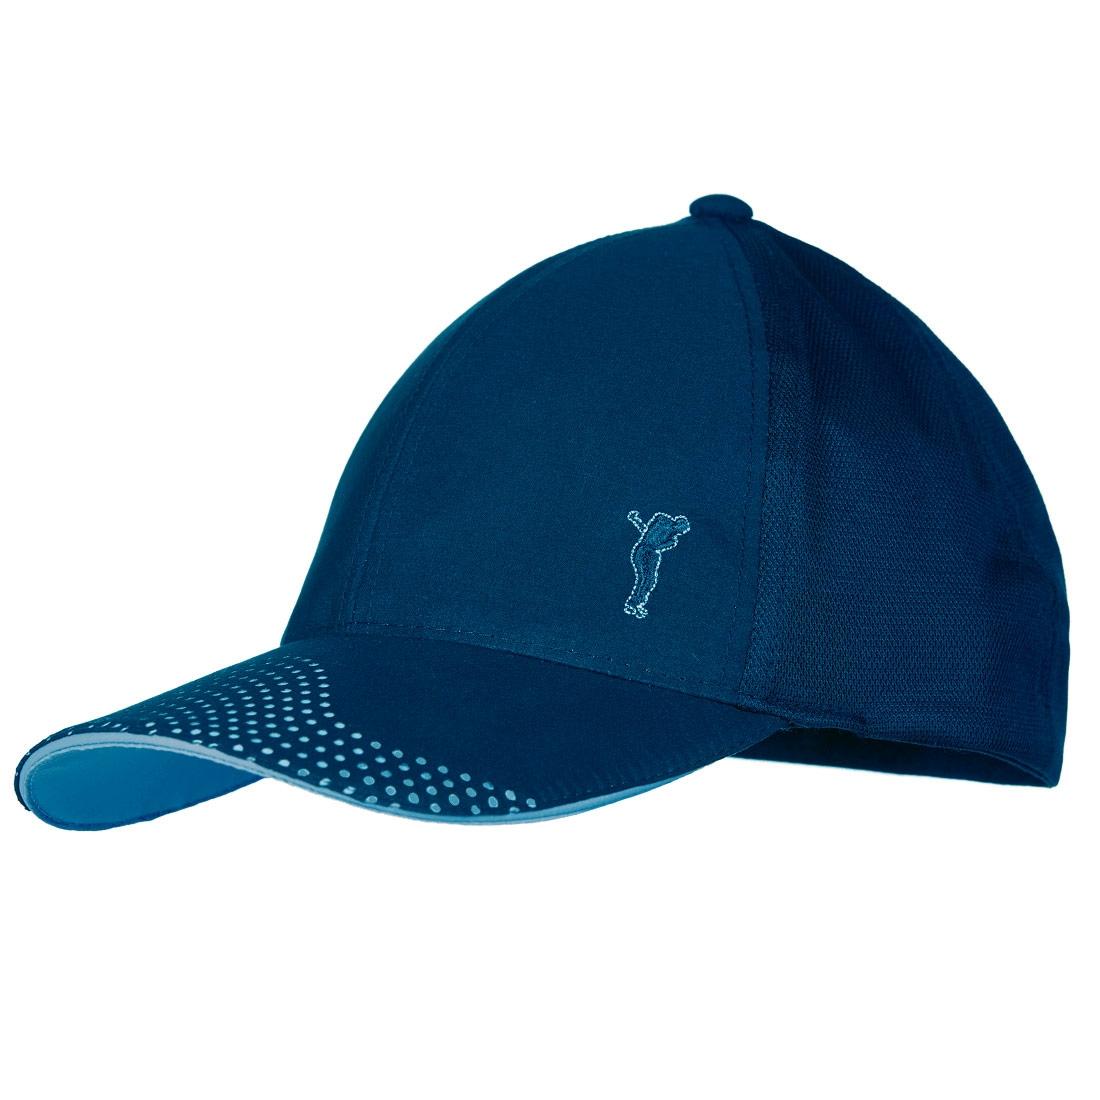 Atmungsaktives Micro Stretch Golfcap mit Mesheinsätzen für hervorragende Ventilation